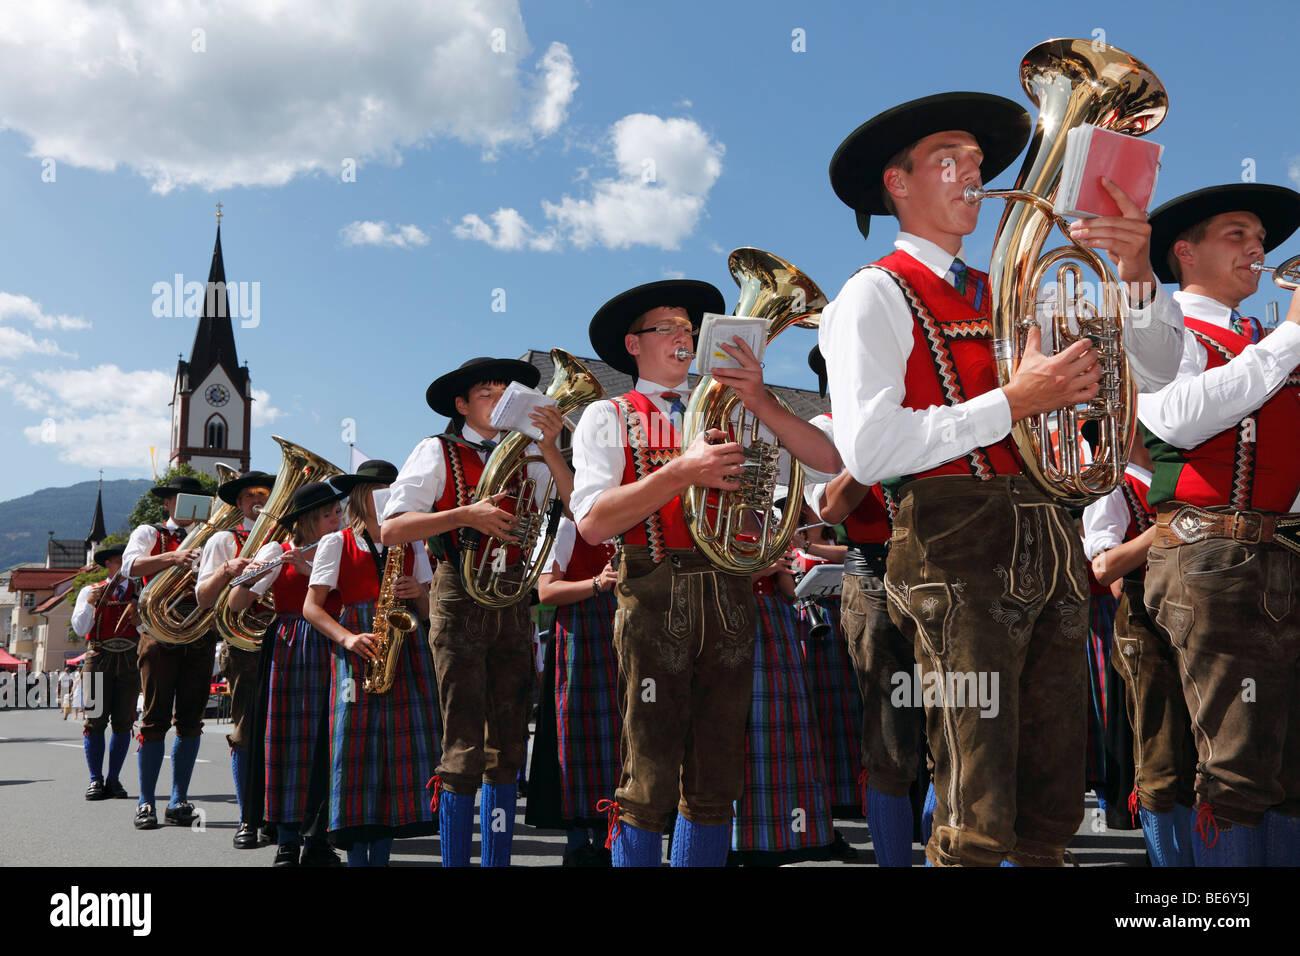 Geben Sie Volksmusik-Band bei der Samson-Parade, Mariapfarr, Lungau, Salzburg, Salzburg, Österreich, Europa Stockbild